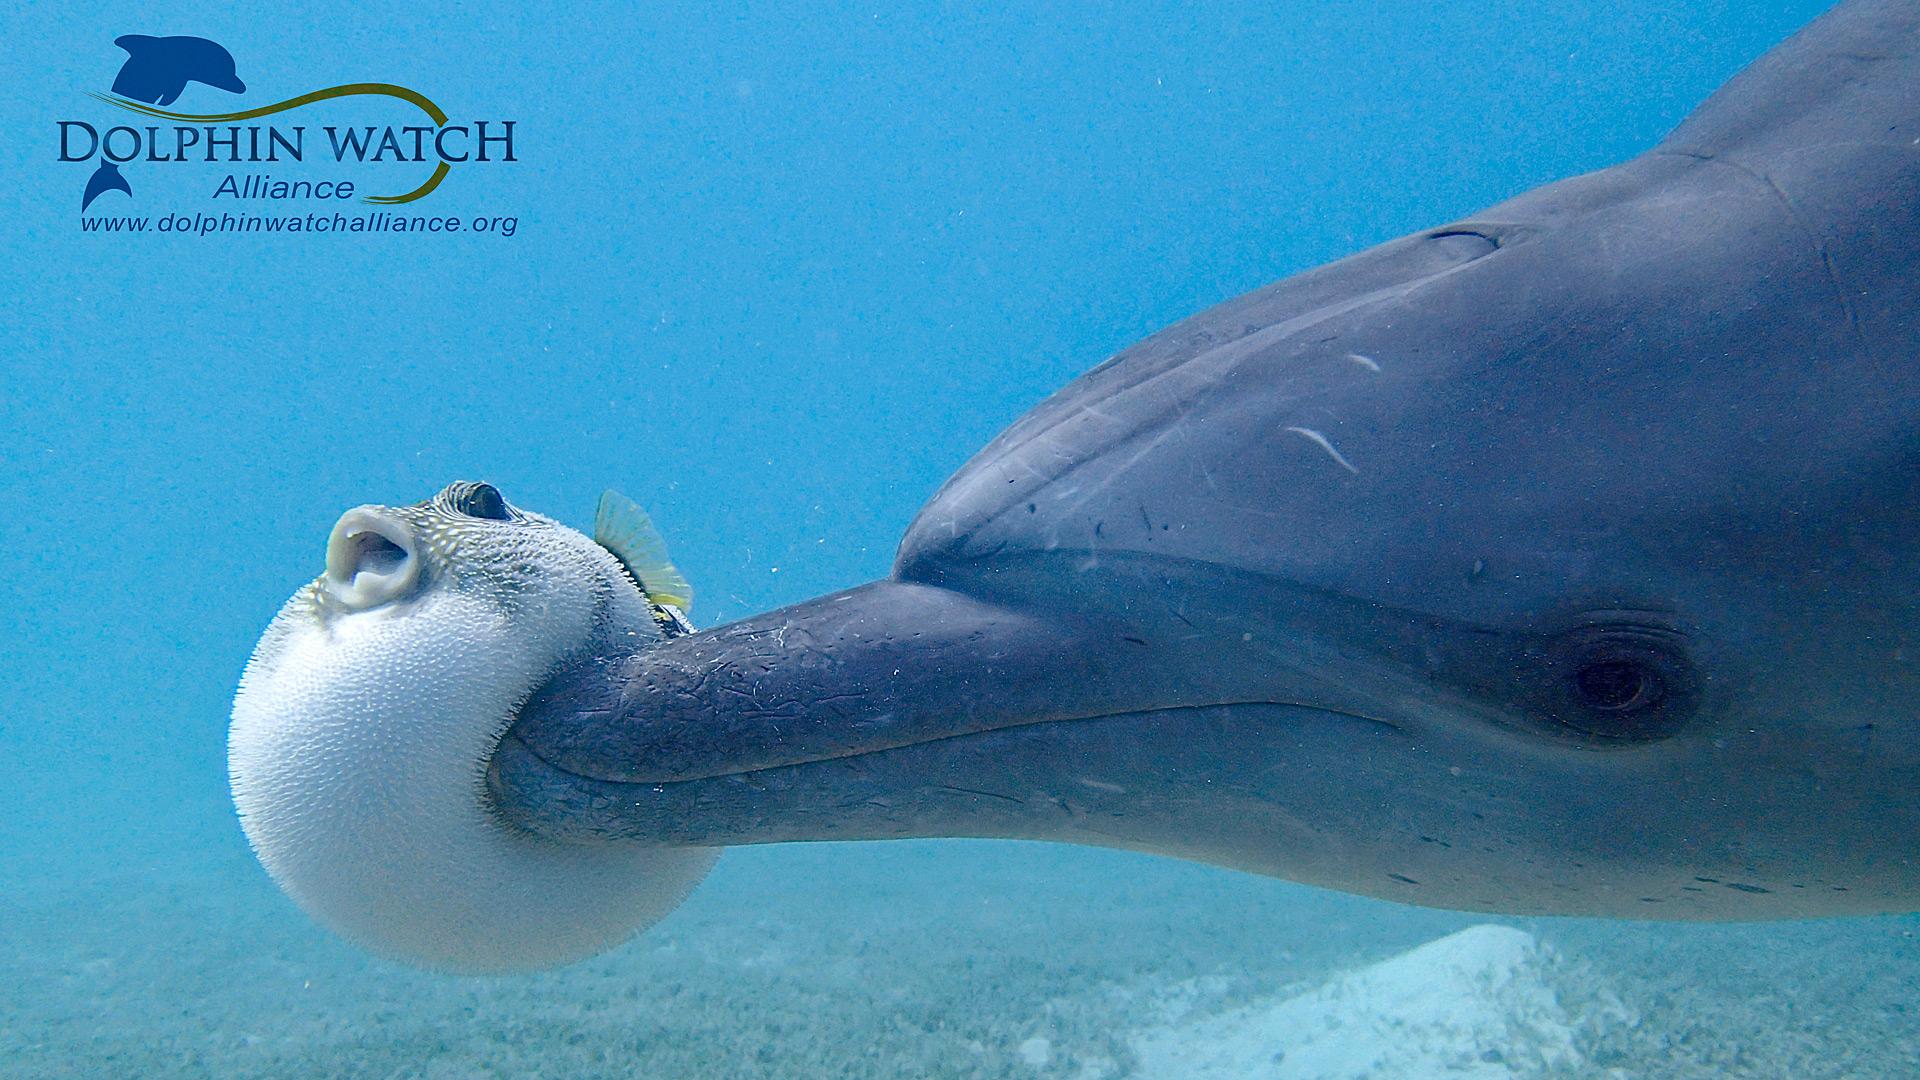 Delfine Im Roten Meer Besser Vor Massentourismus Geschützt ganzes Warum Heißt Das Rote Meer Rotes Meer